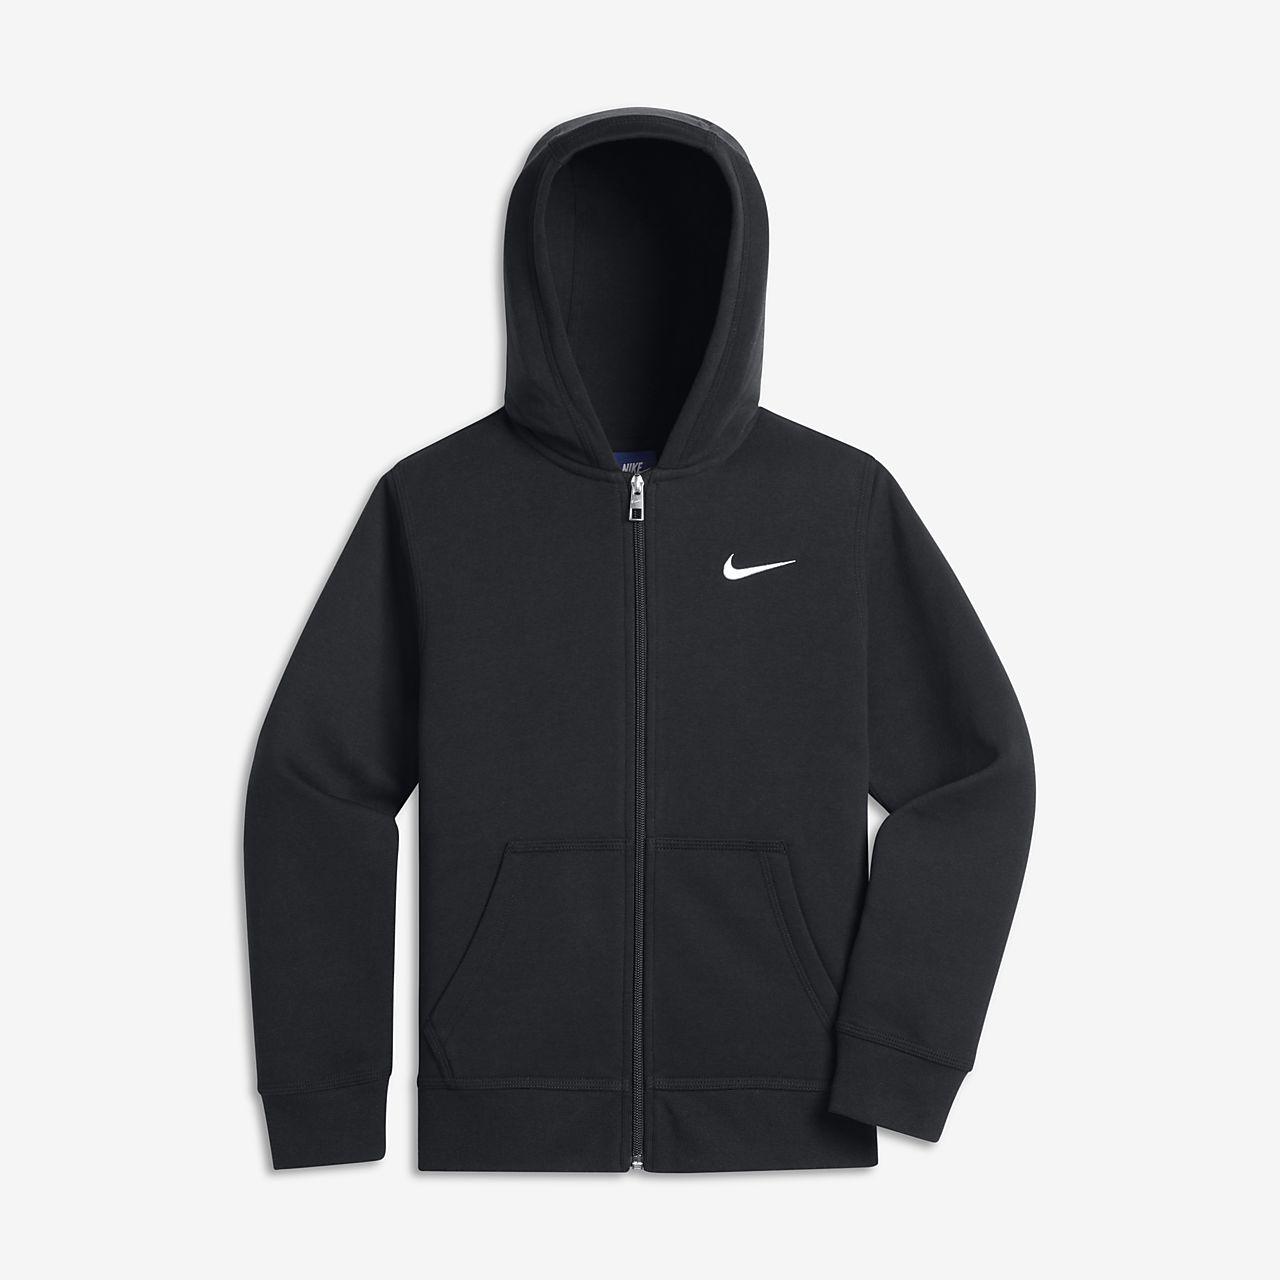 Παιδική μπλούζα με κουκούλα και φερμουάρ Nike Sportswear